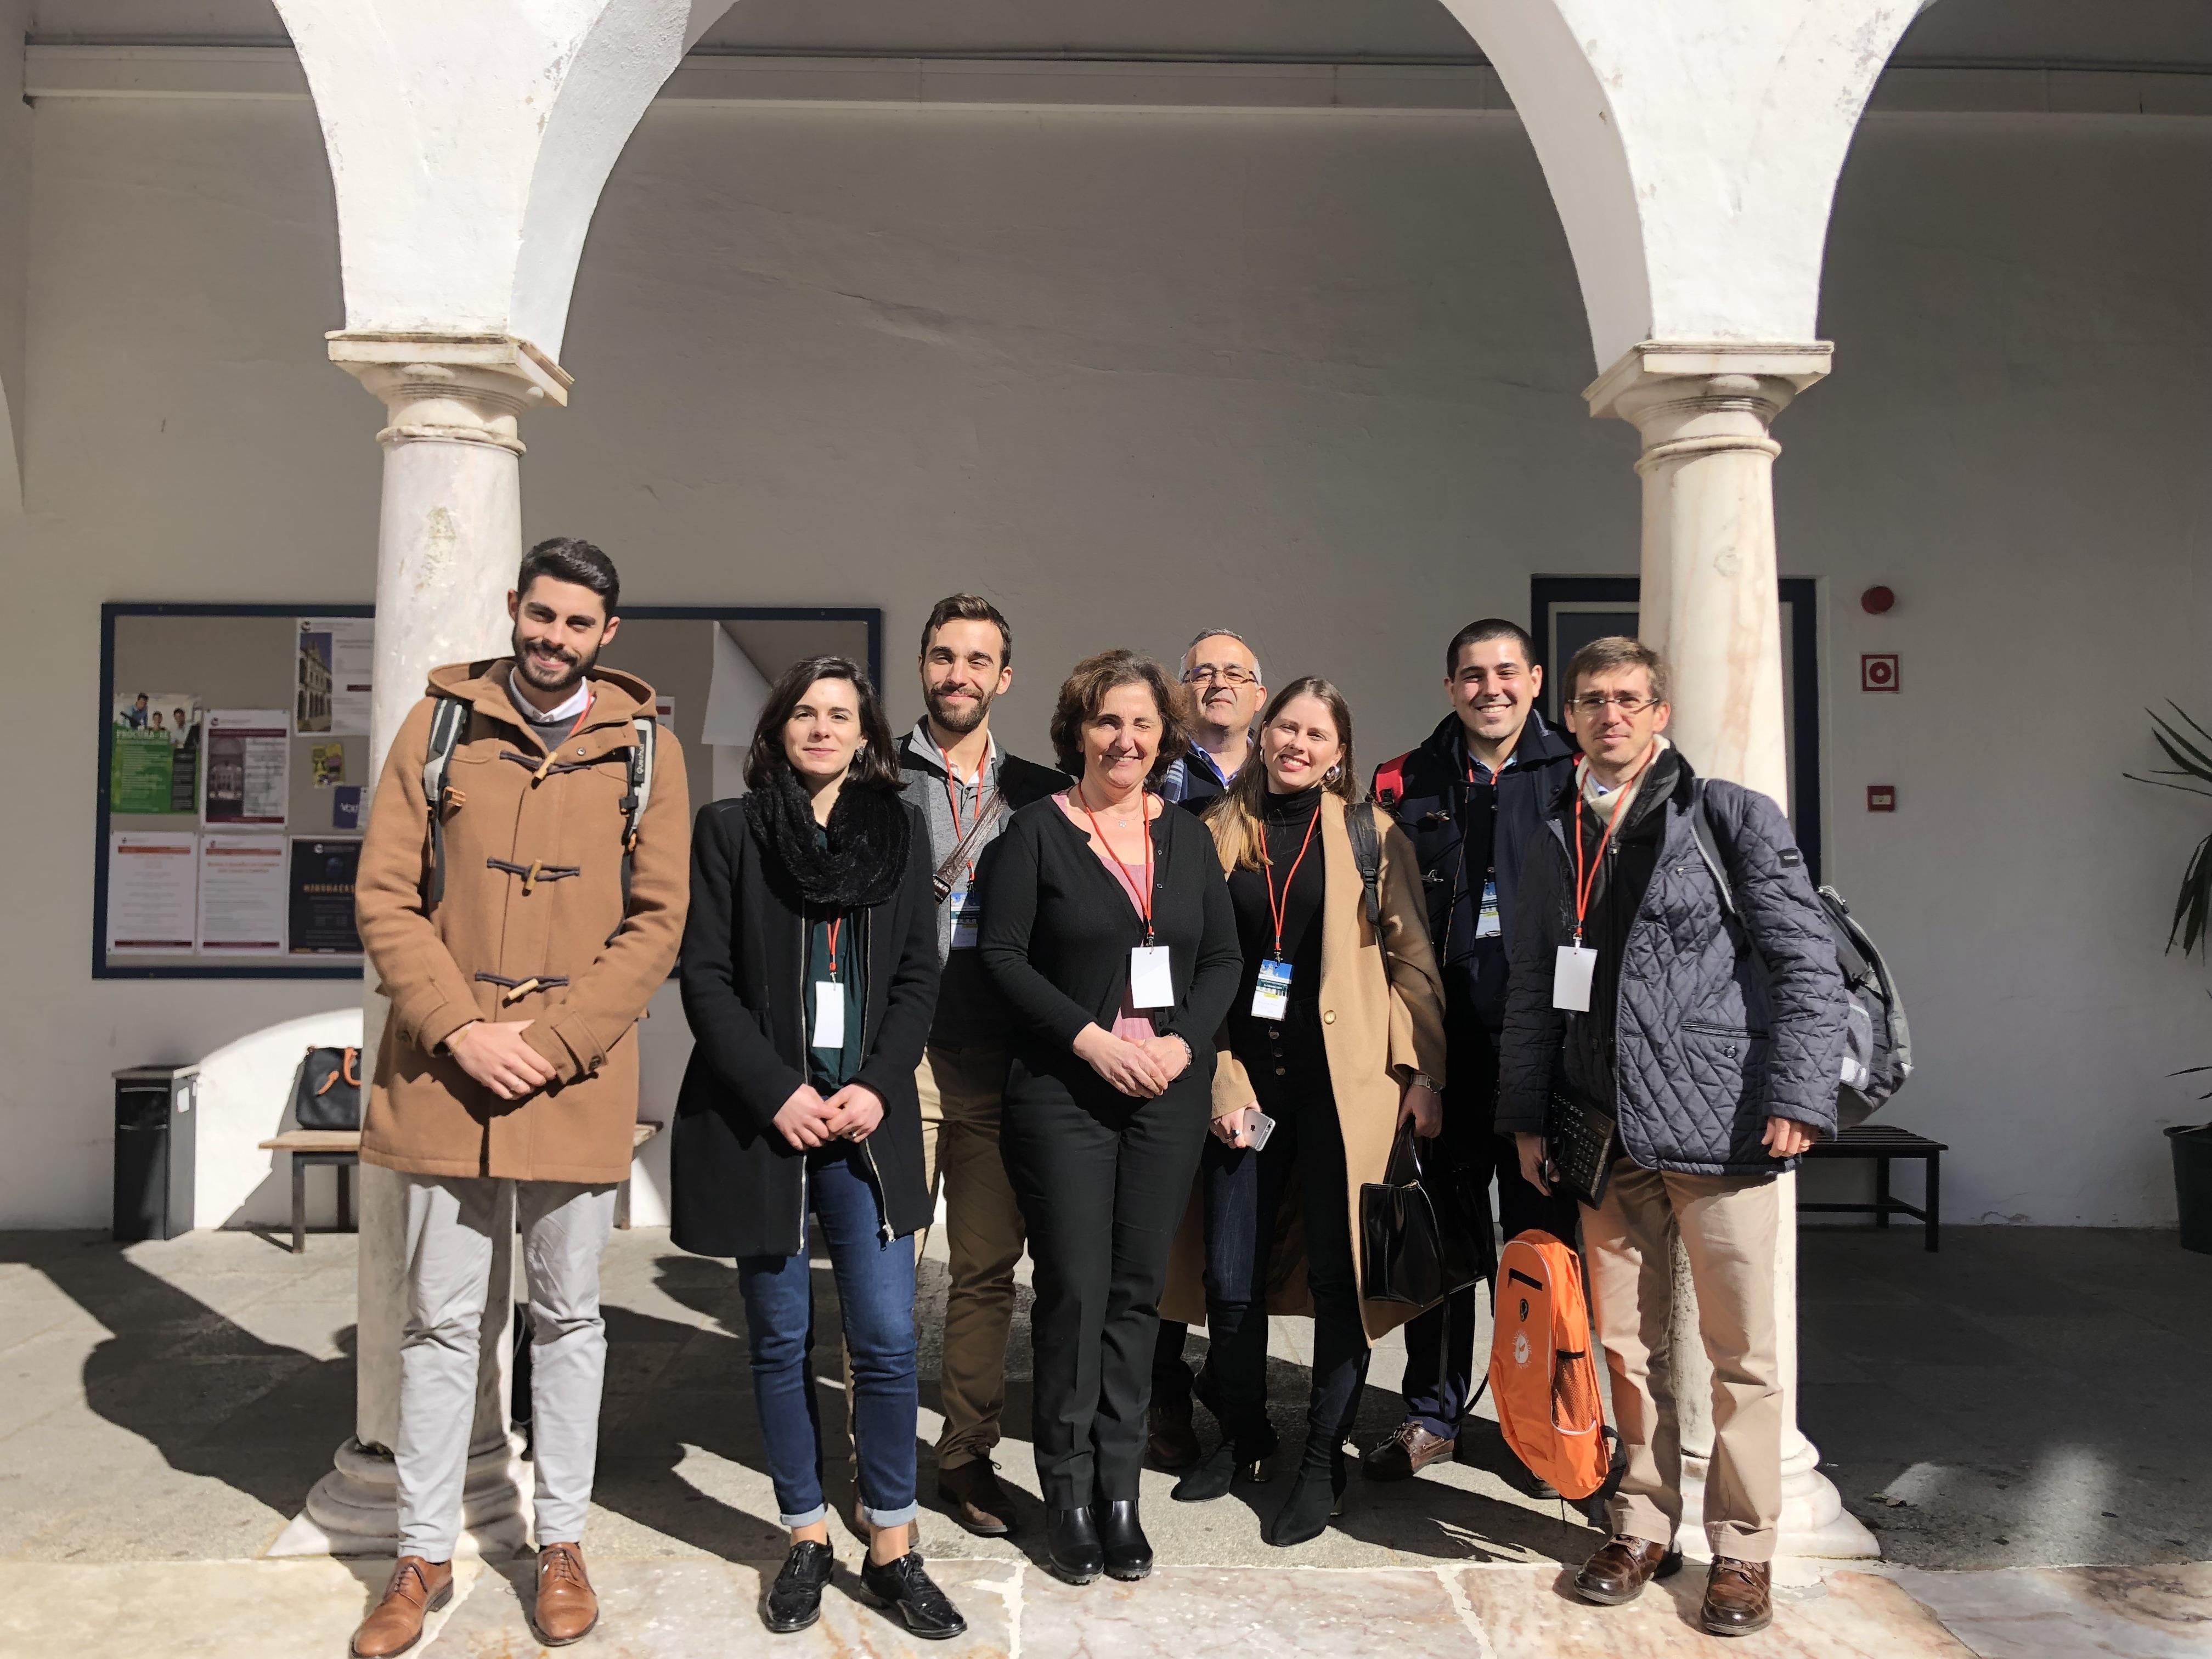 ESHTE - Students of ESHTE's MA and PhD participated in IFM 2019